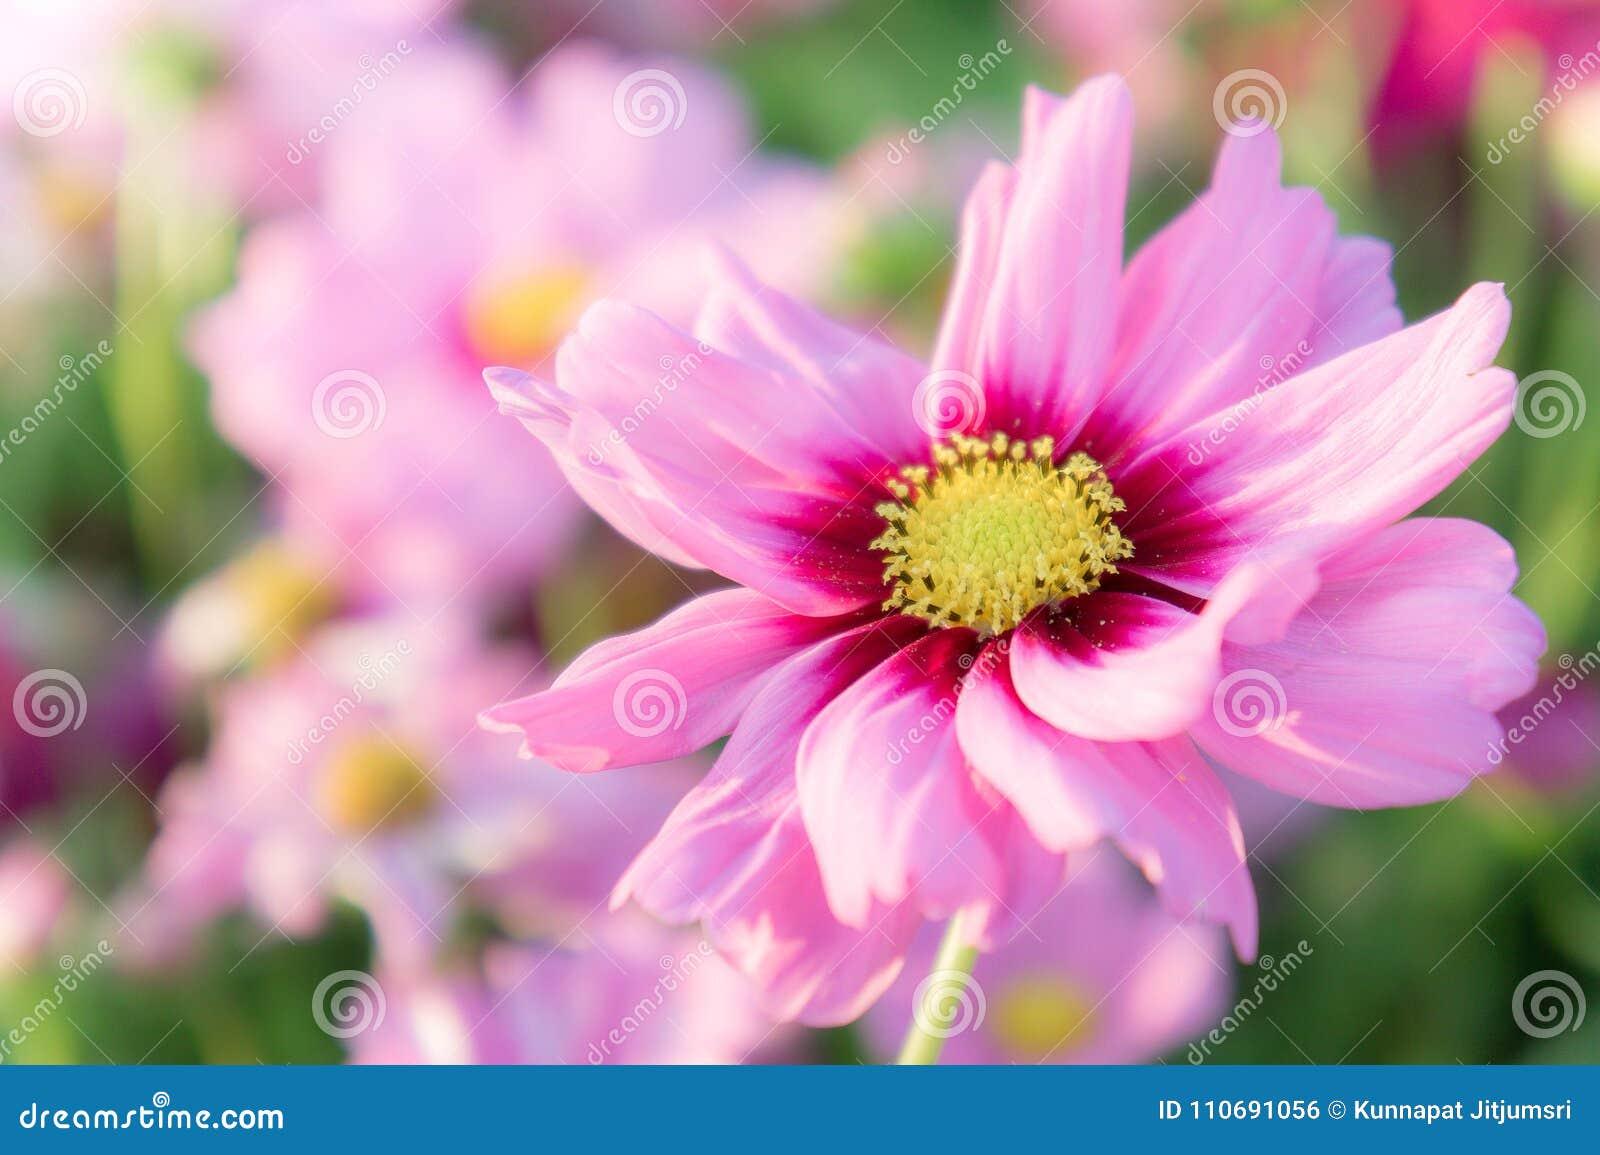 El cosmos rosado florece, las flores del flor de la margarita en el jardín